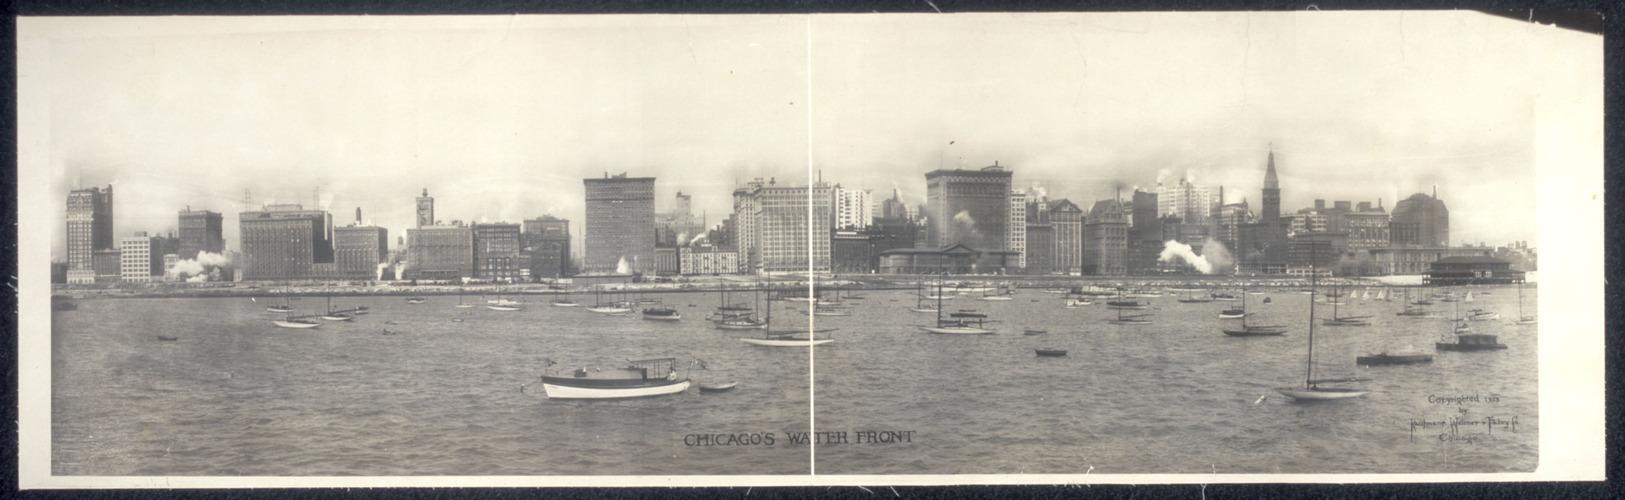 Chicago Century